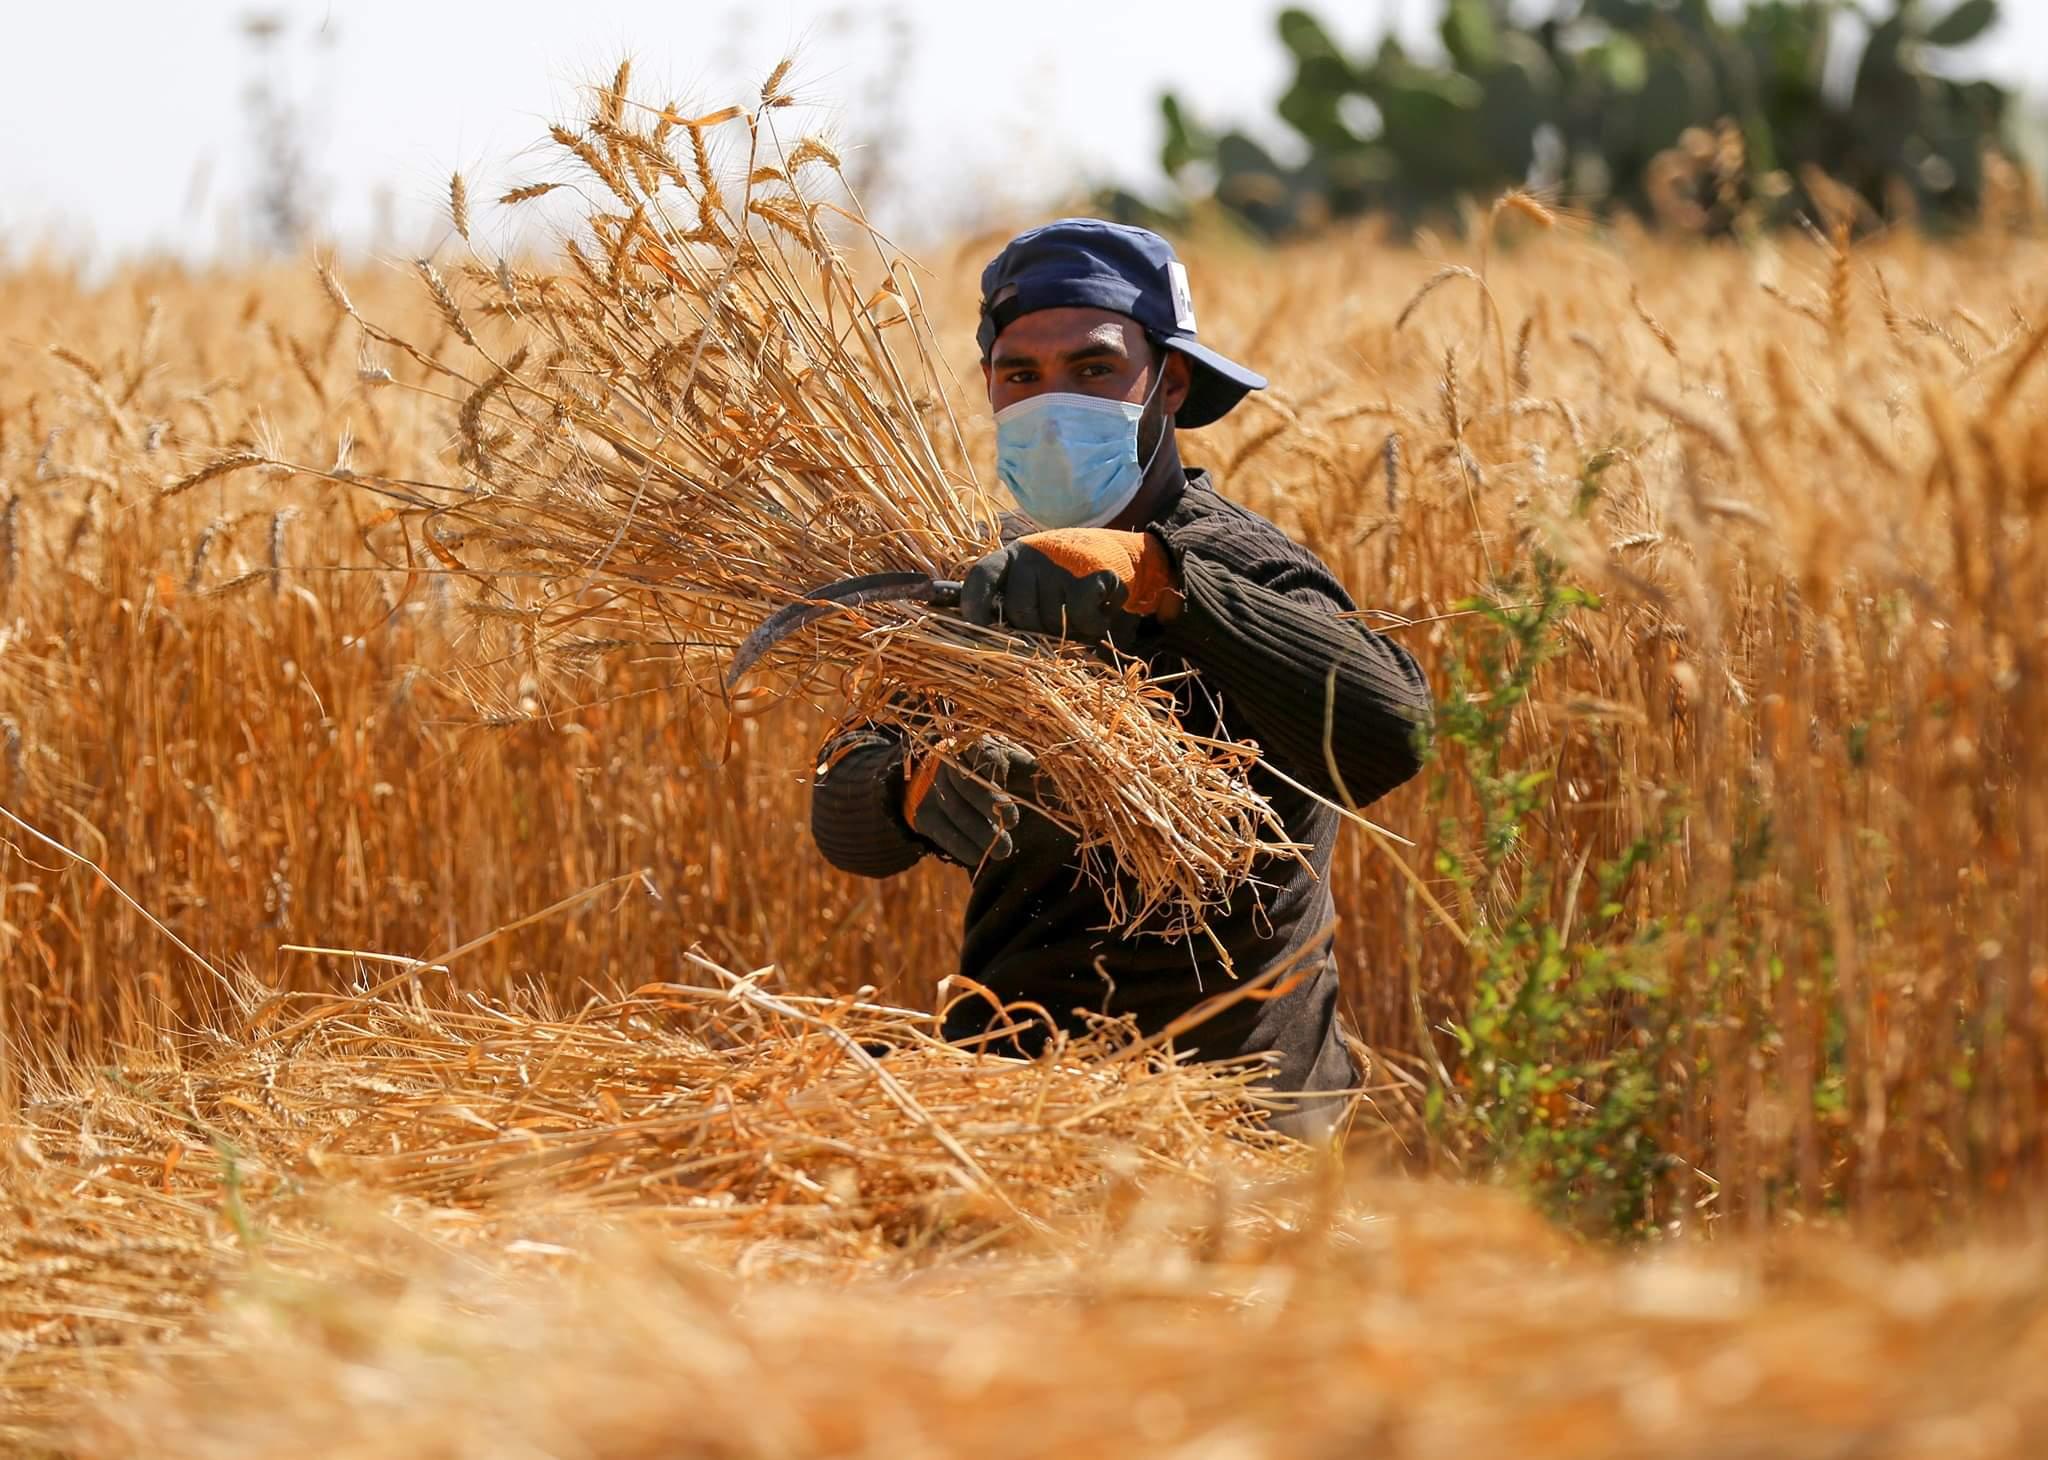 مزارع فلسطيني يرتدي قناع وجه يحصد القمح في حقل بالقرب من الحدود مع إسرائيل في مدينة خانيونس جنوب قطاع غزة، 10 مايو 2020.